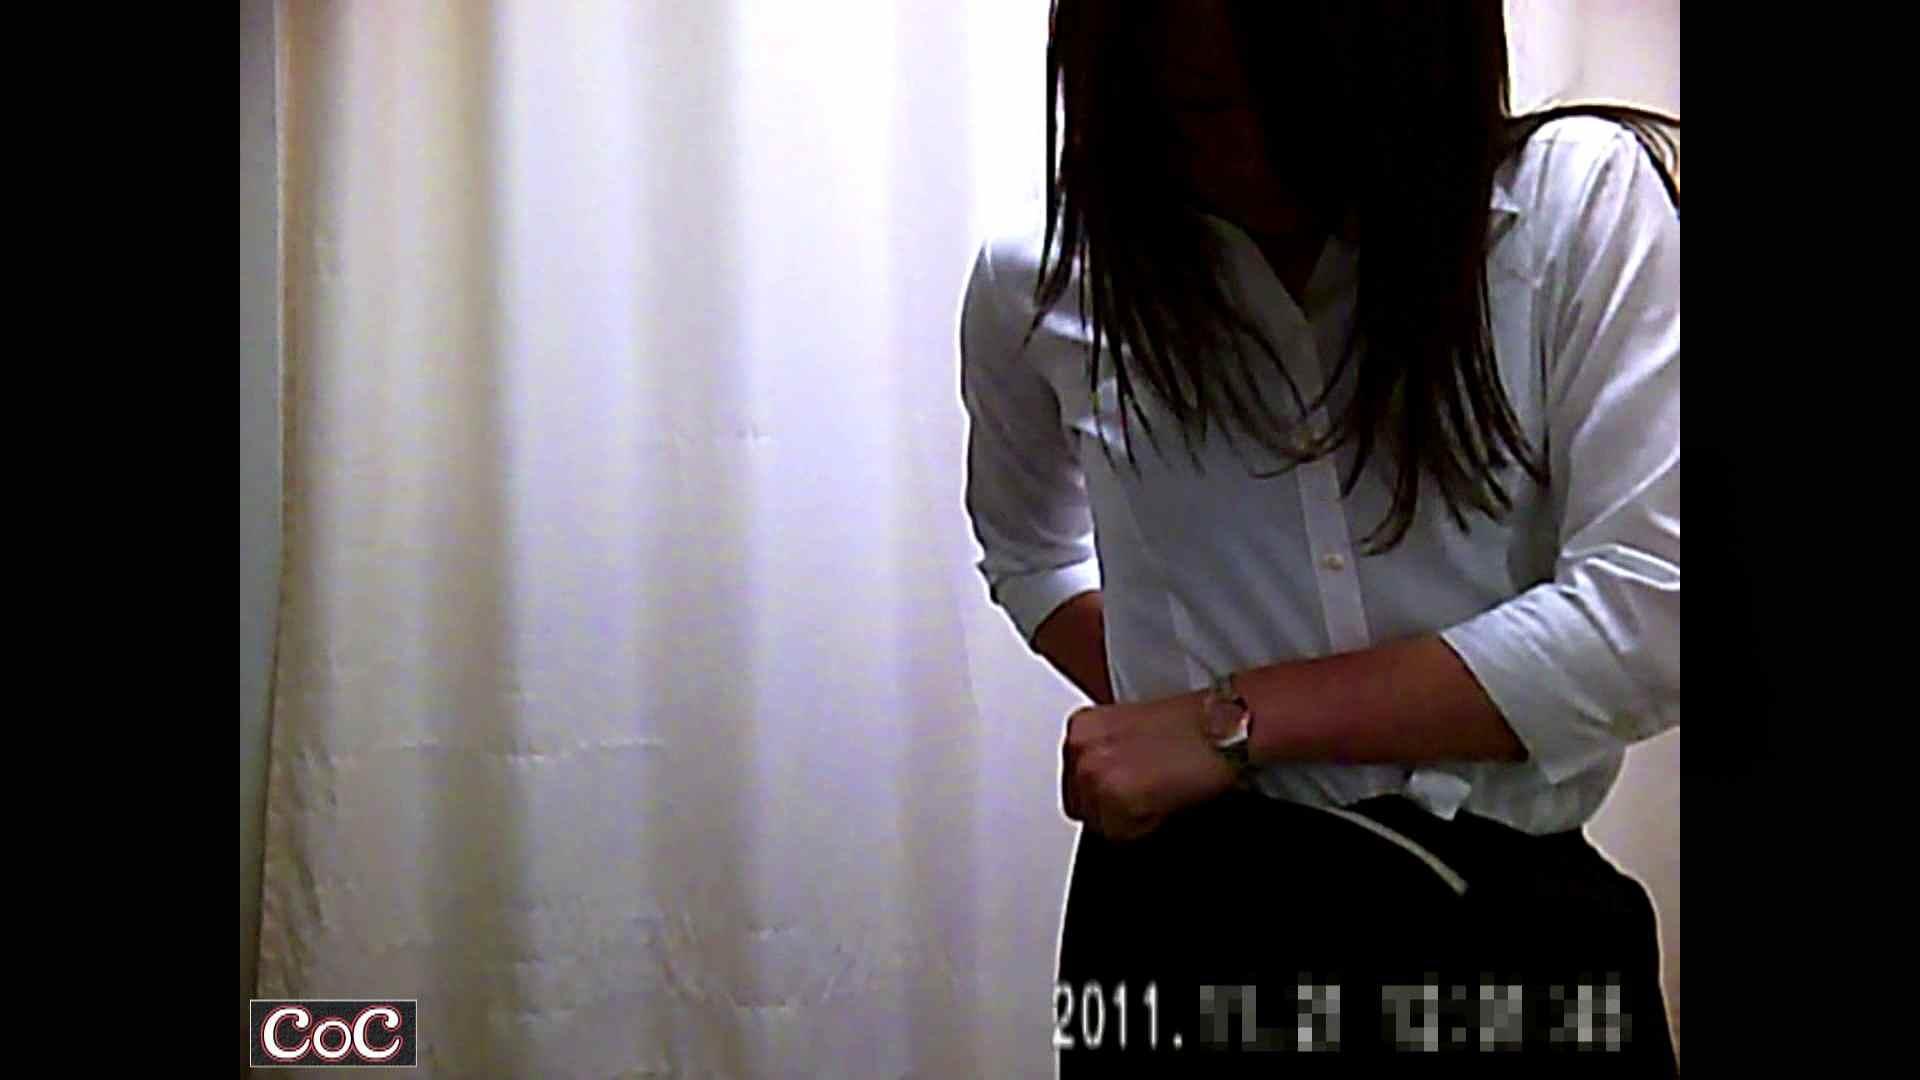 病院おもいっきり着替え! vol.99 乳首 のぞきおめこ無修正画像 74pic 18